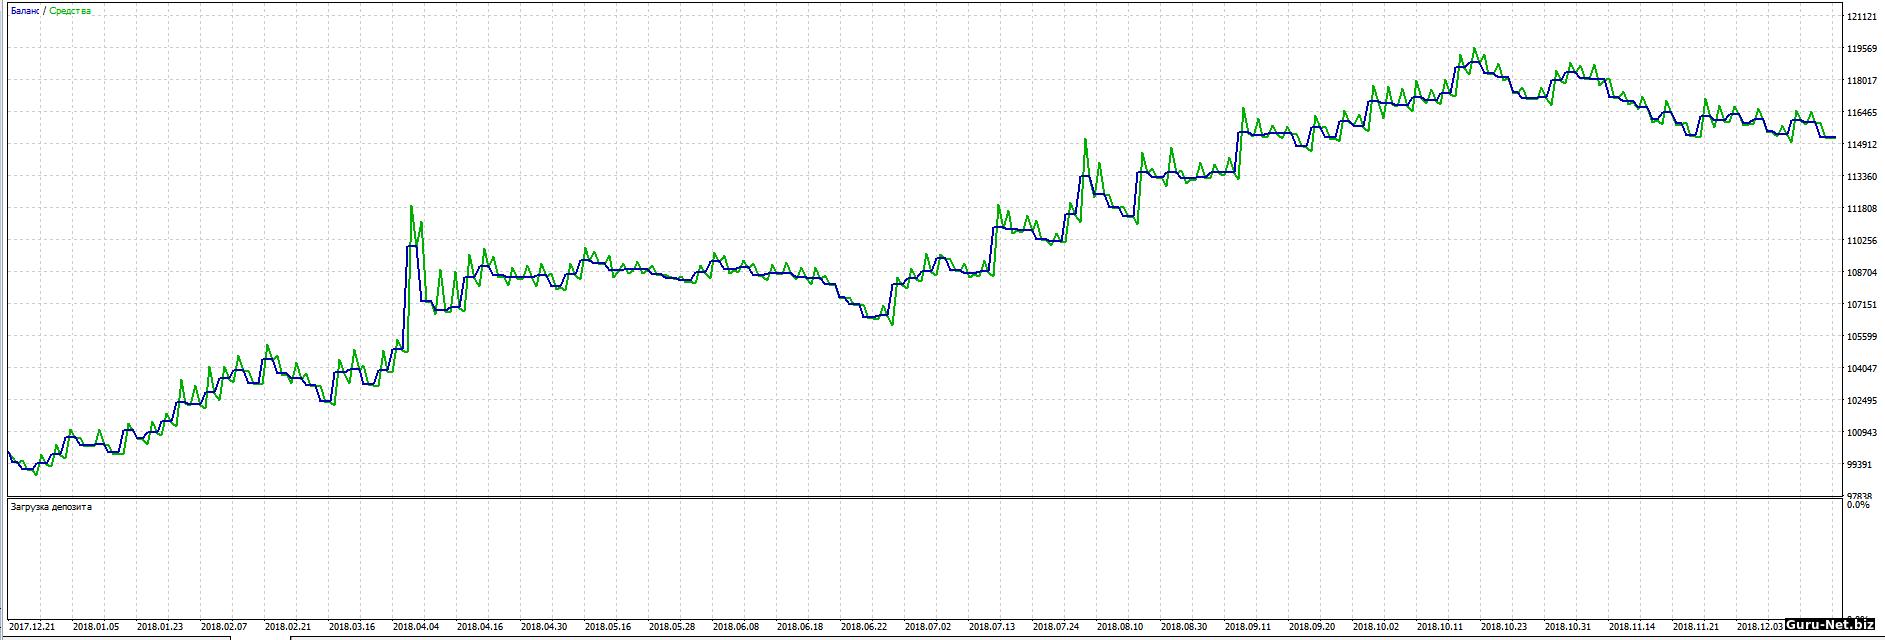 График доходности робота PC с фильтром 2018 Sbrf